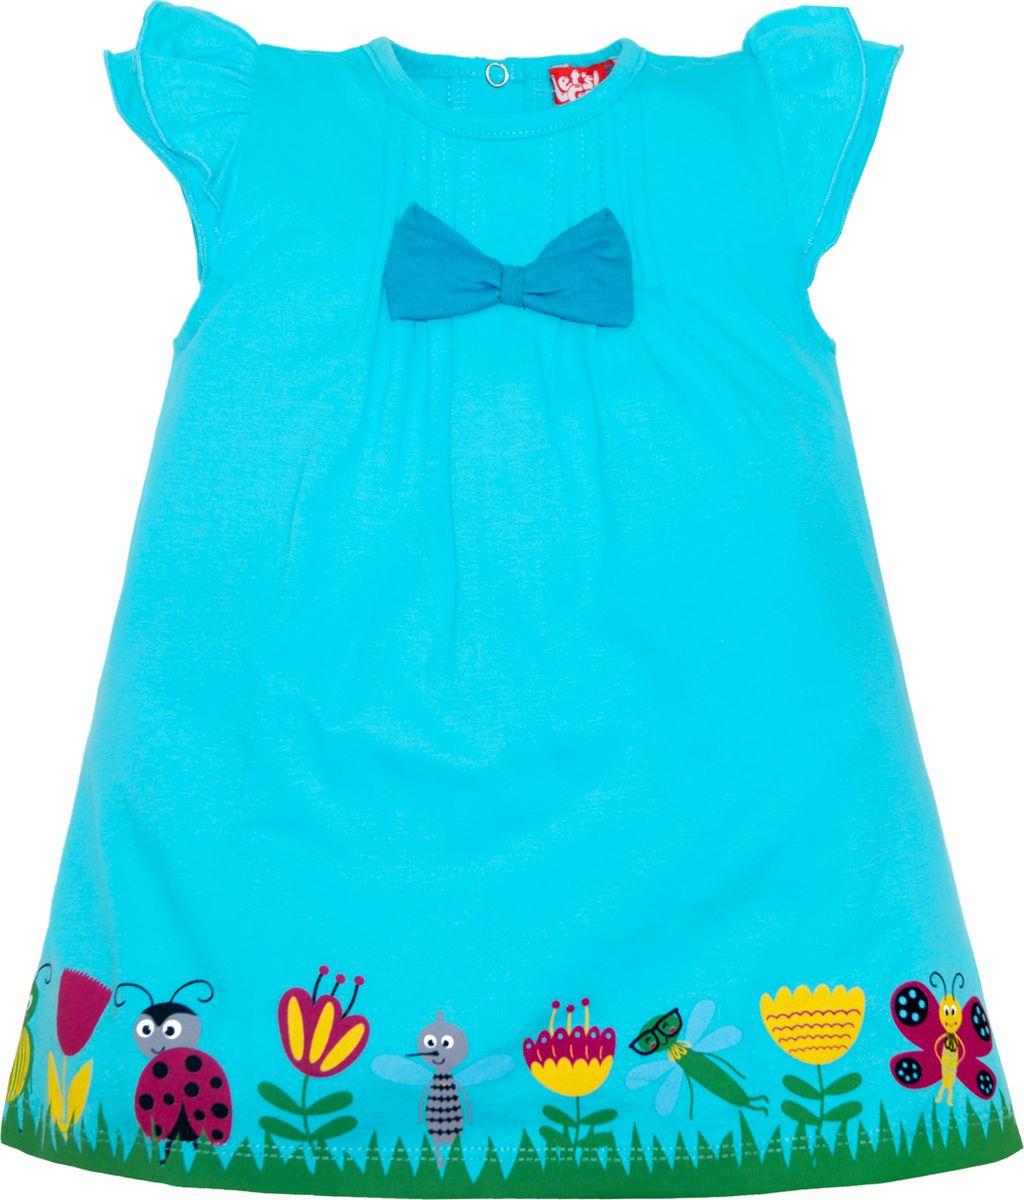 Платье для девочки Lets Go, цвет: светло-бирюзовый. 8148. Размер 868148Платье Lets Go станет отличным дополнением к гардеробу вашей малышки. Изготовленное из натурального хлопка, оно необычайно мягкое и легкое. Сзади застегивается на кнопки. Модель оформлена принтом.